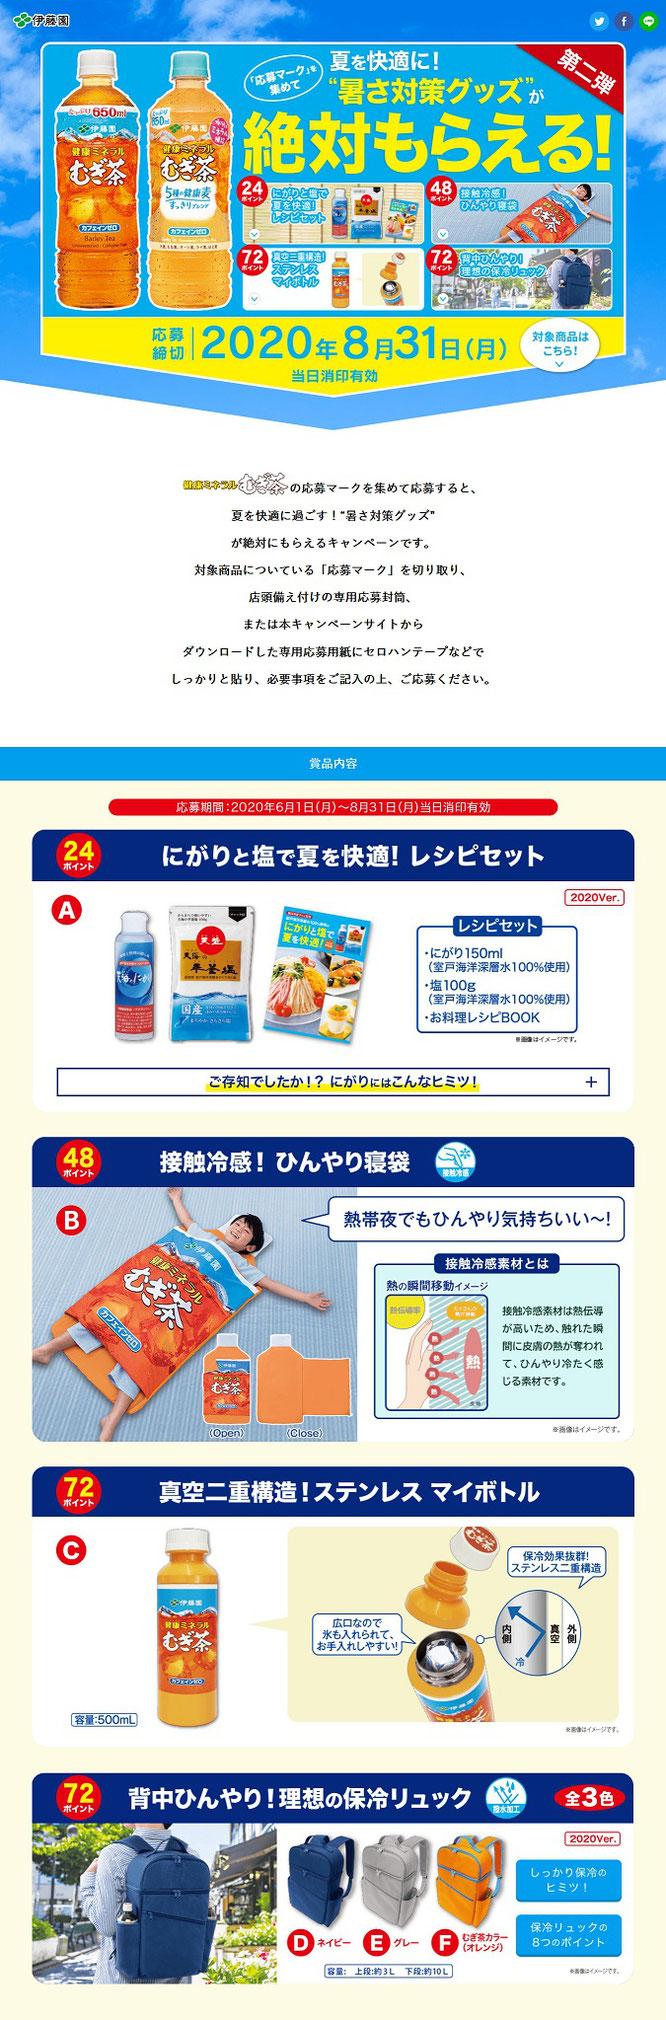 【伊藤園】健康ミネラルむぎ茶 夏を快適に!暑さ対策グッズが絶対もらえるキャンペーン